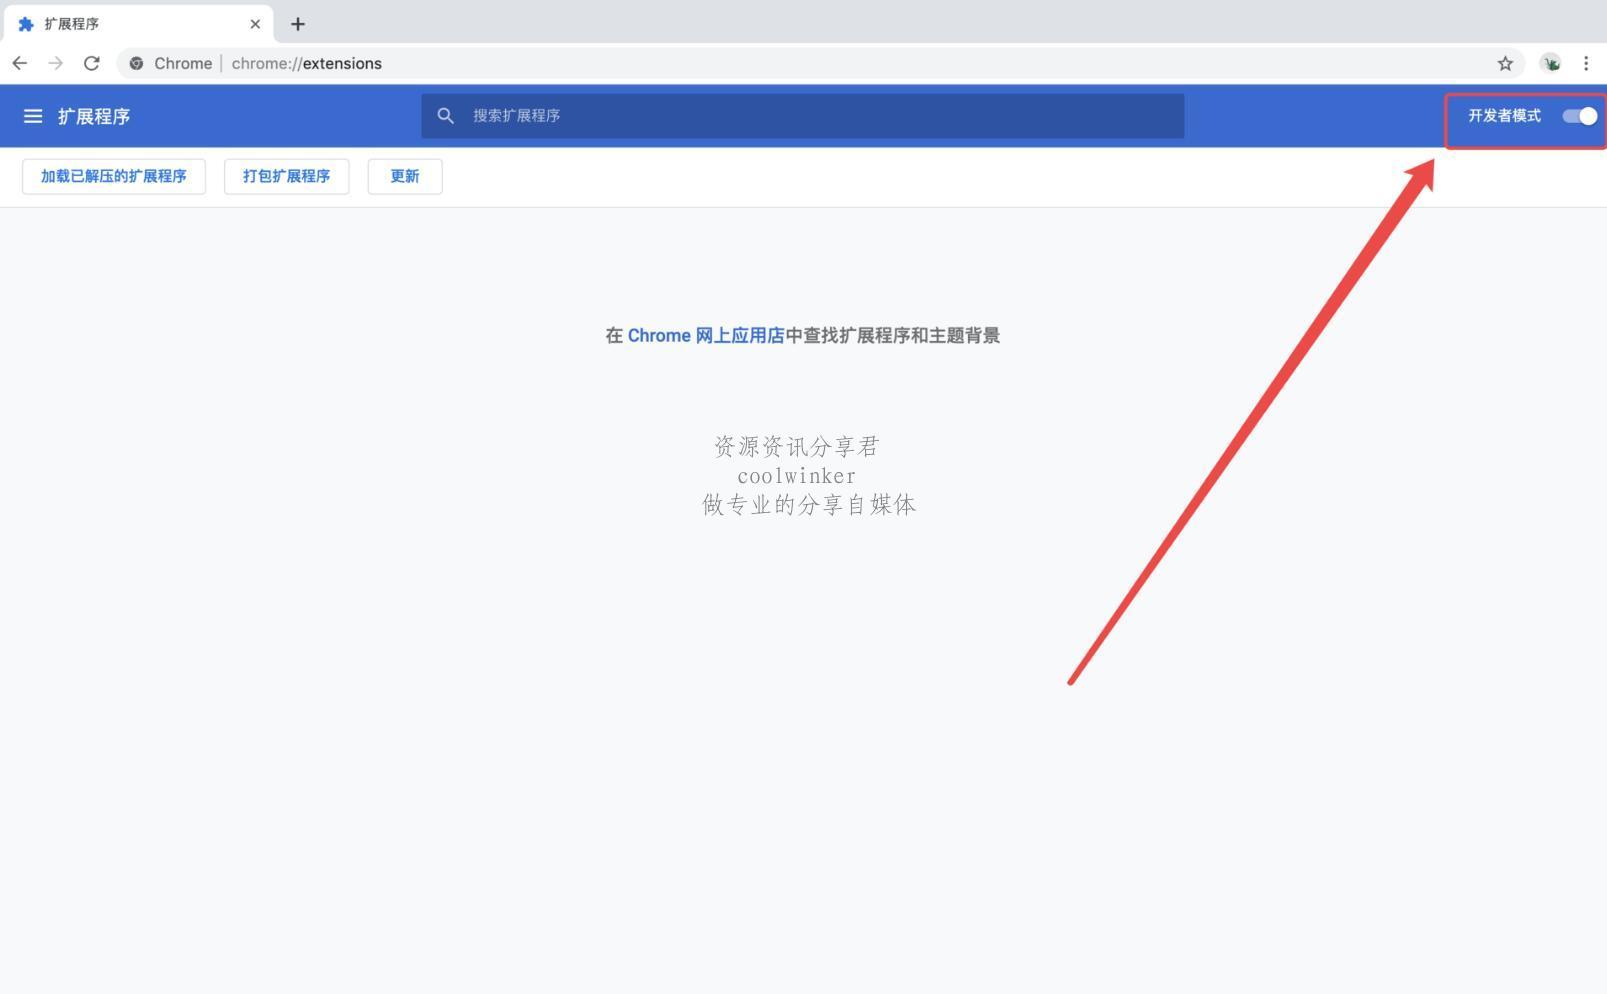 谷歌浏览器Chrome扩展安装说明,如何安装crx文件?